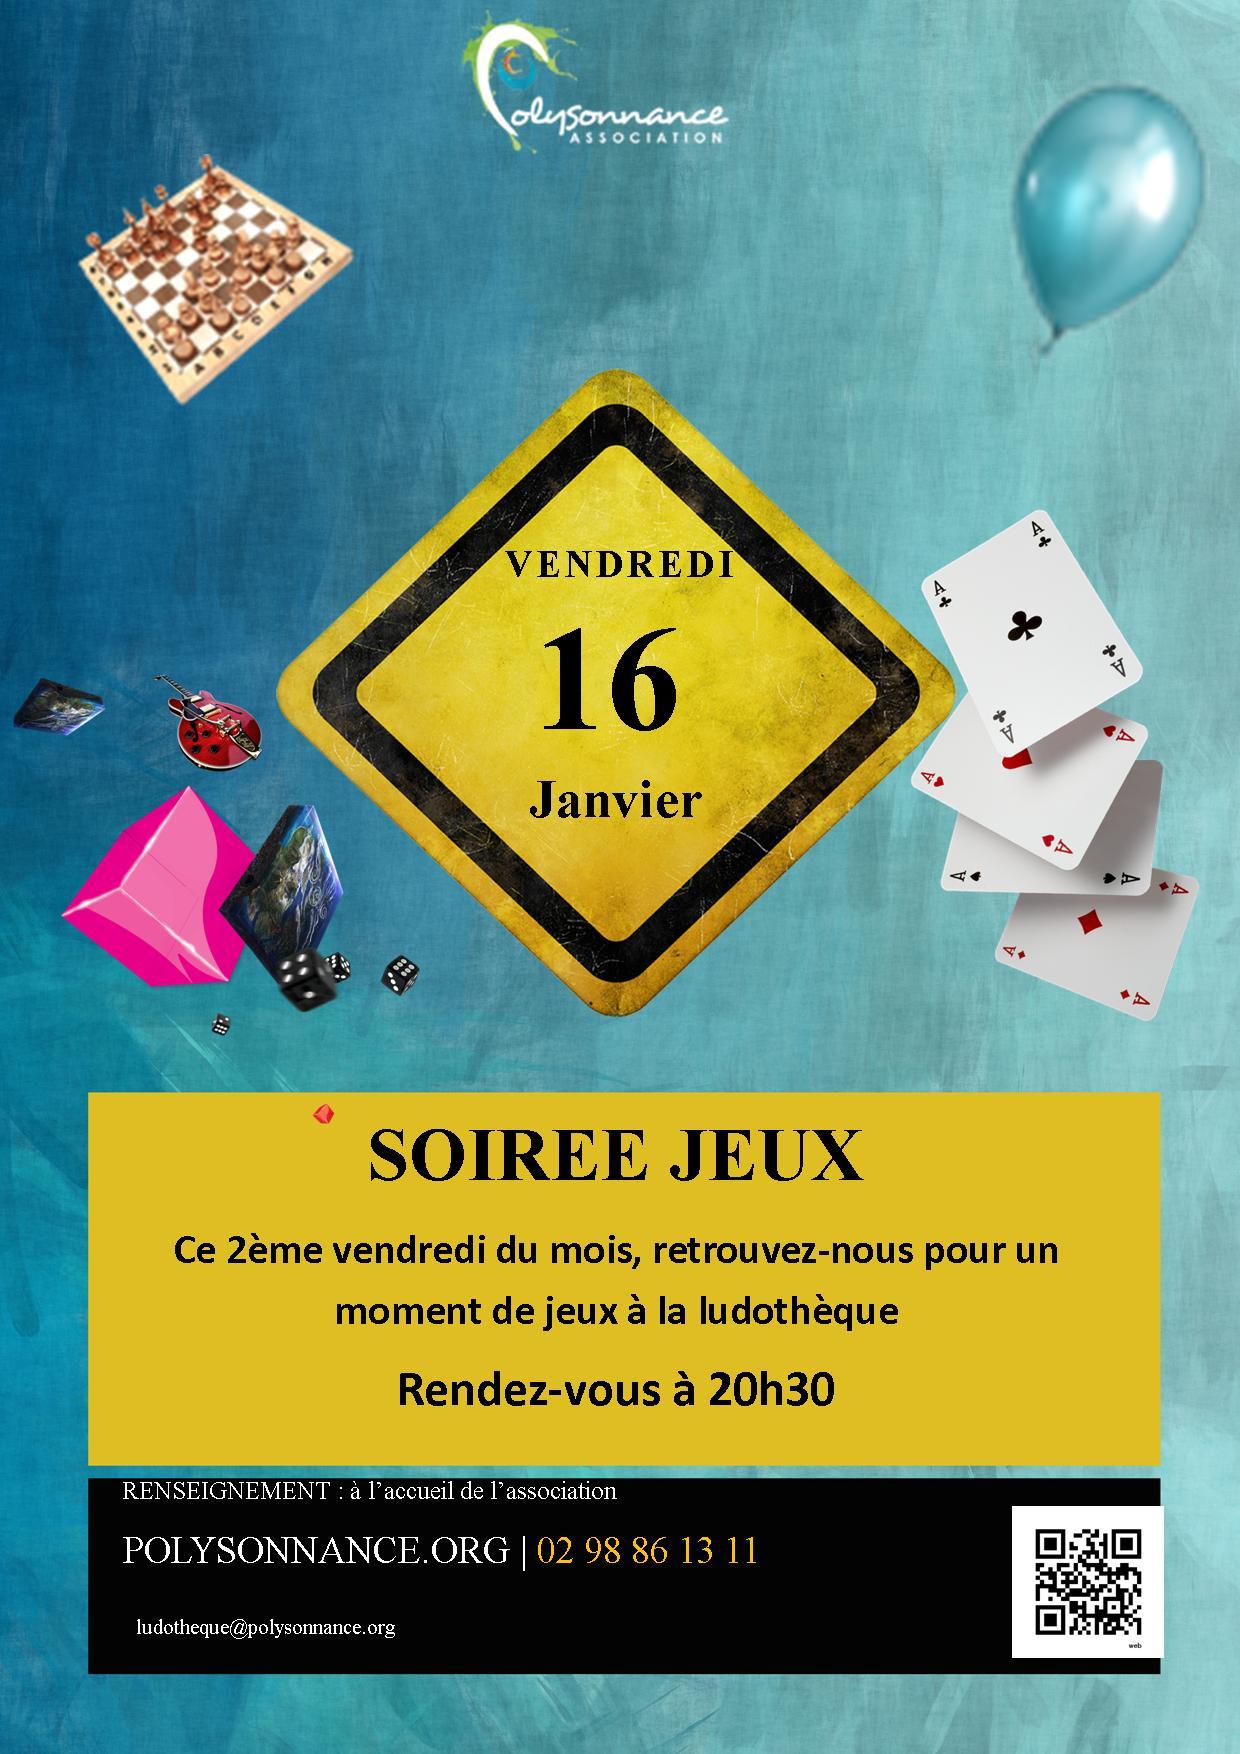 SOIREE JEUX VENDREDI 16 JANVIER 2015 A 20H30 A LA LUDOTHEQUE